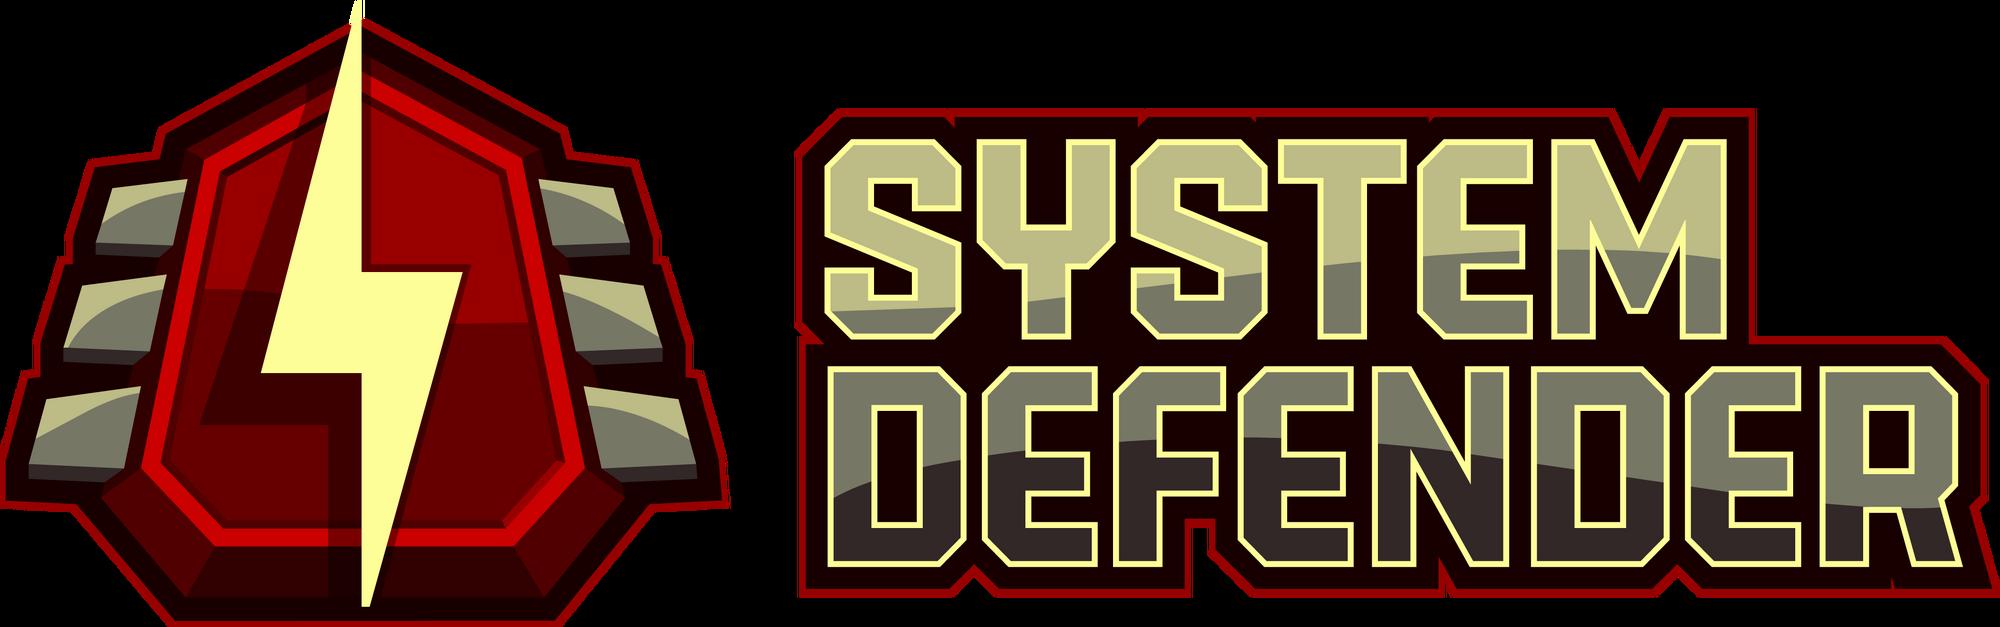 System Defender | Club Penguin Rewritten Wiki | FANDOM